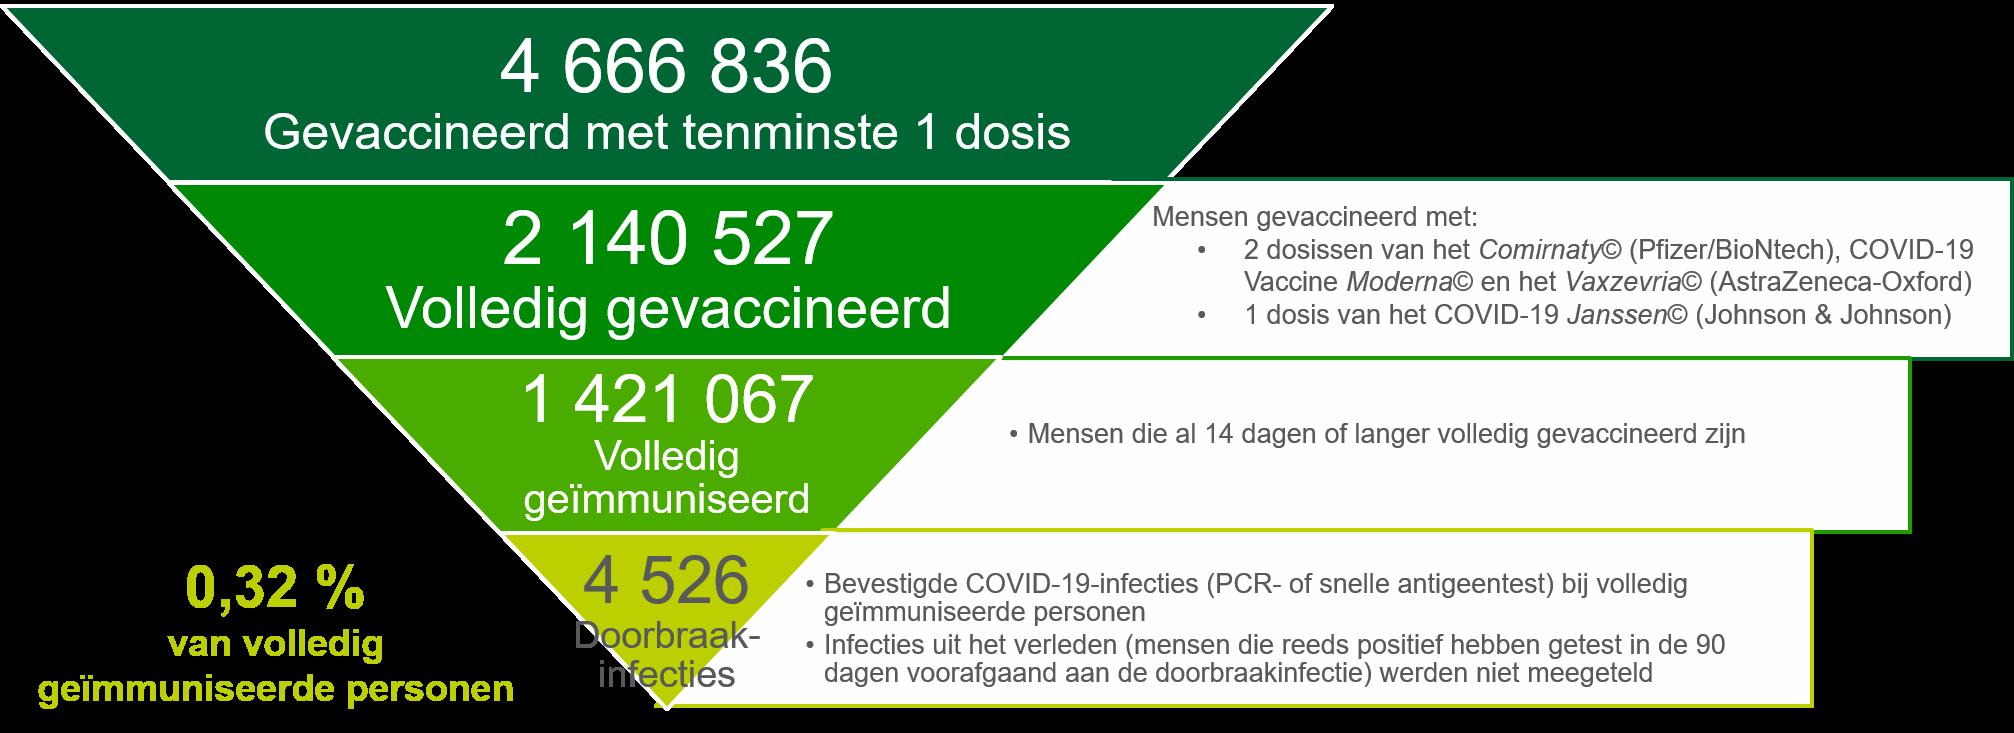 Doorbraakinfecties